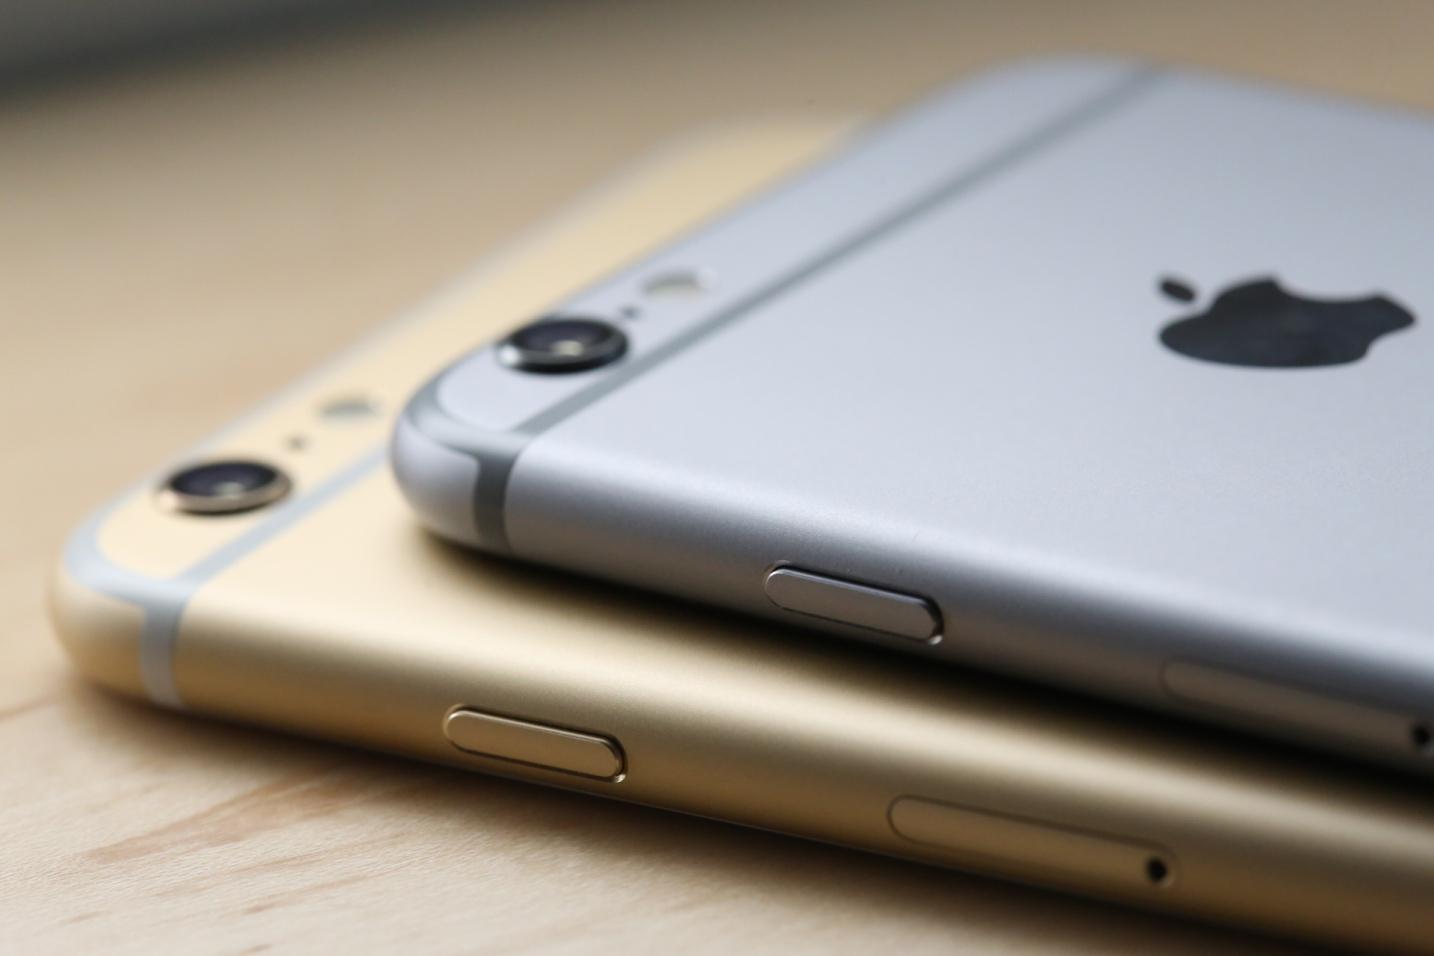 iPhone6被判不侵权 外媒:中国不总是偏袒本国企业